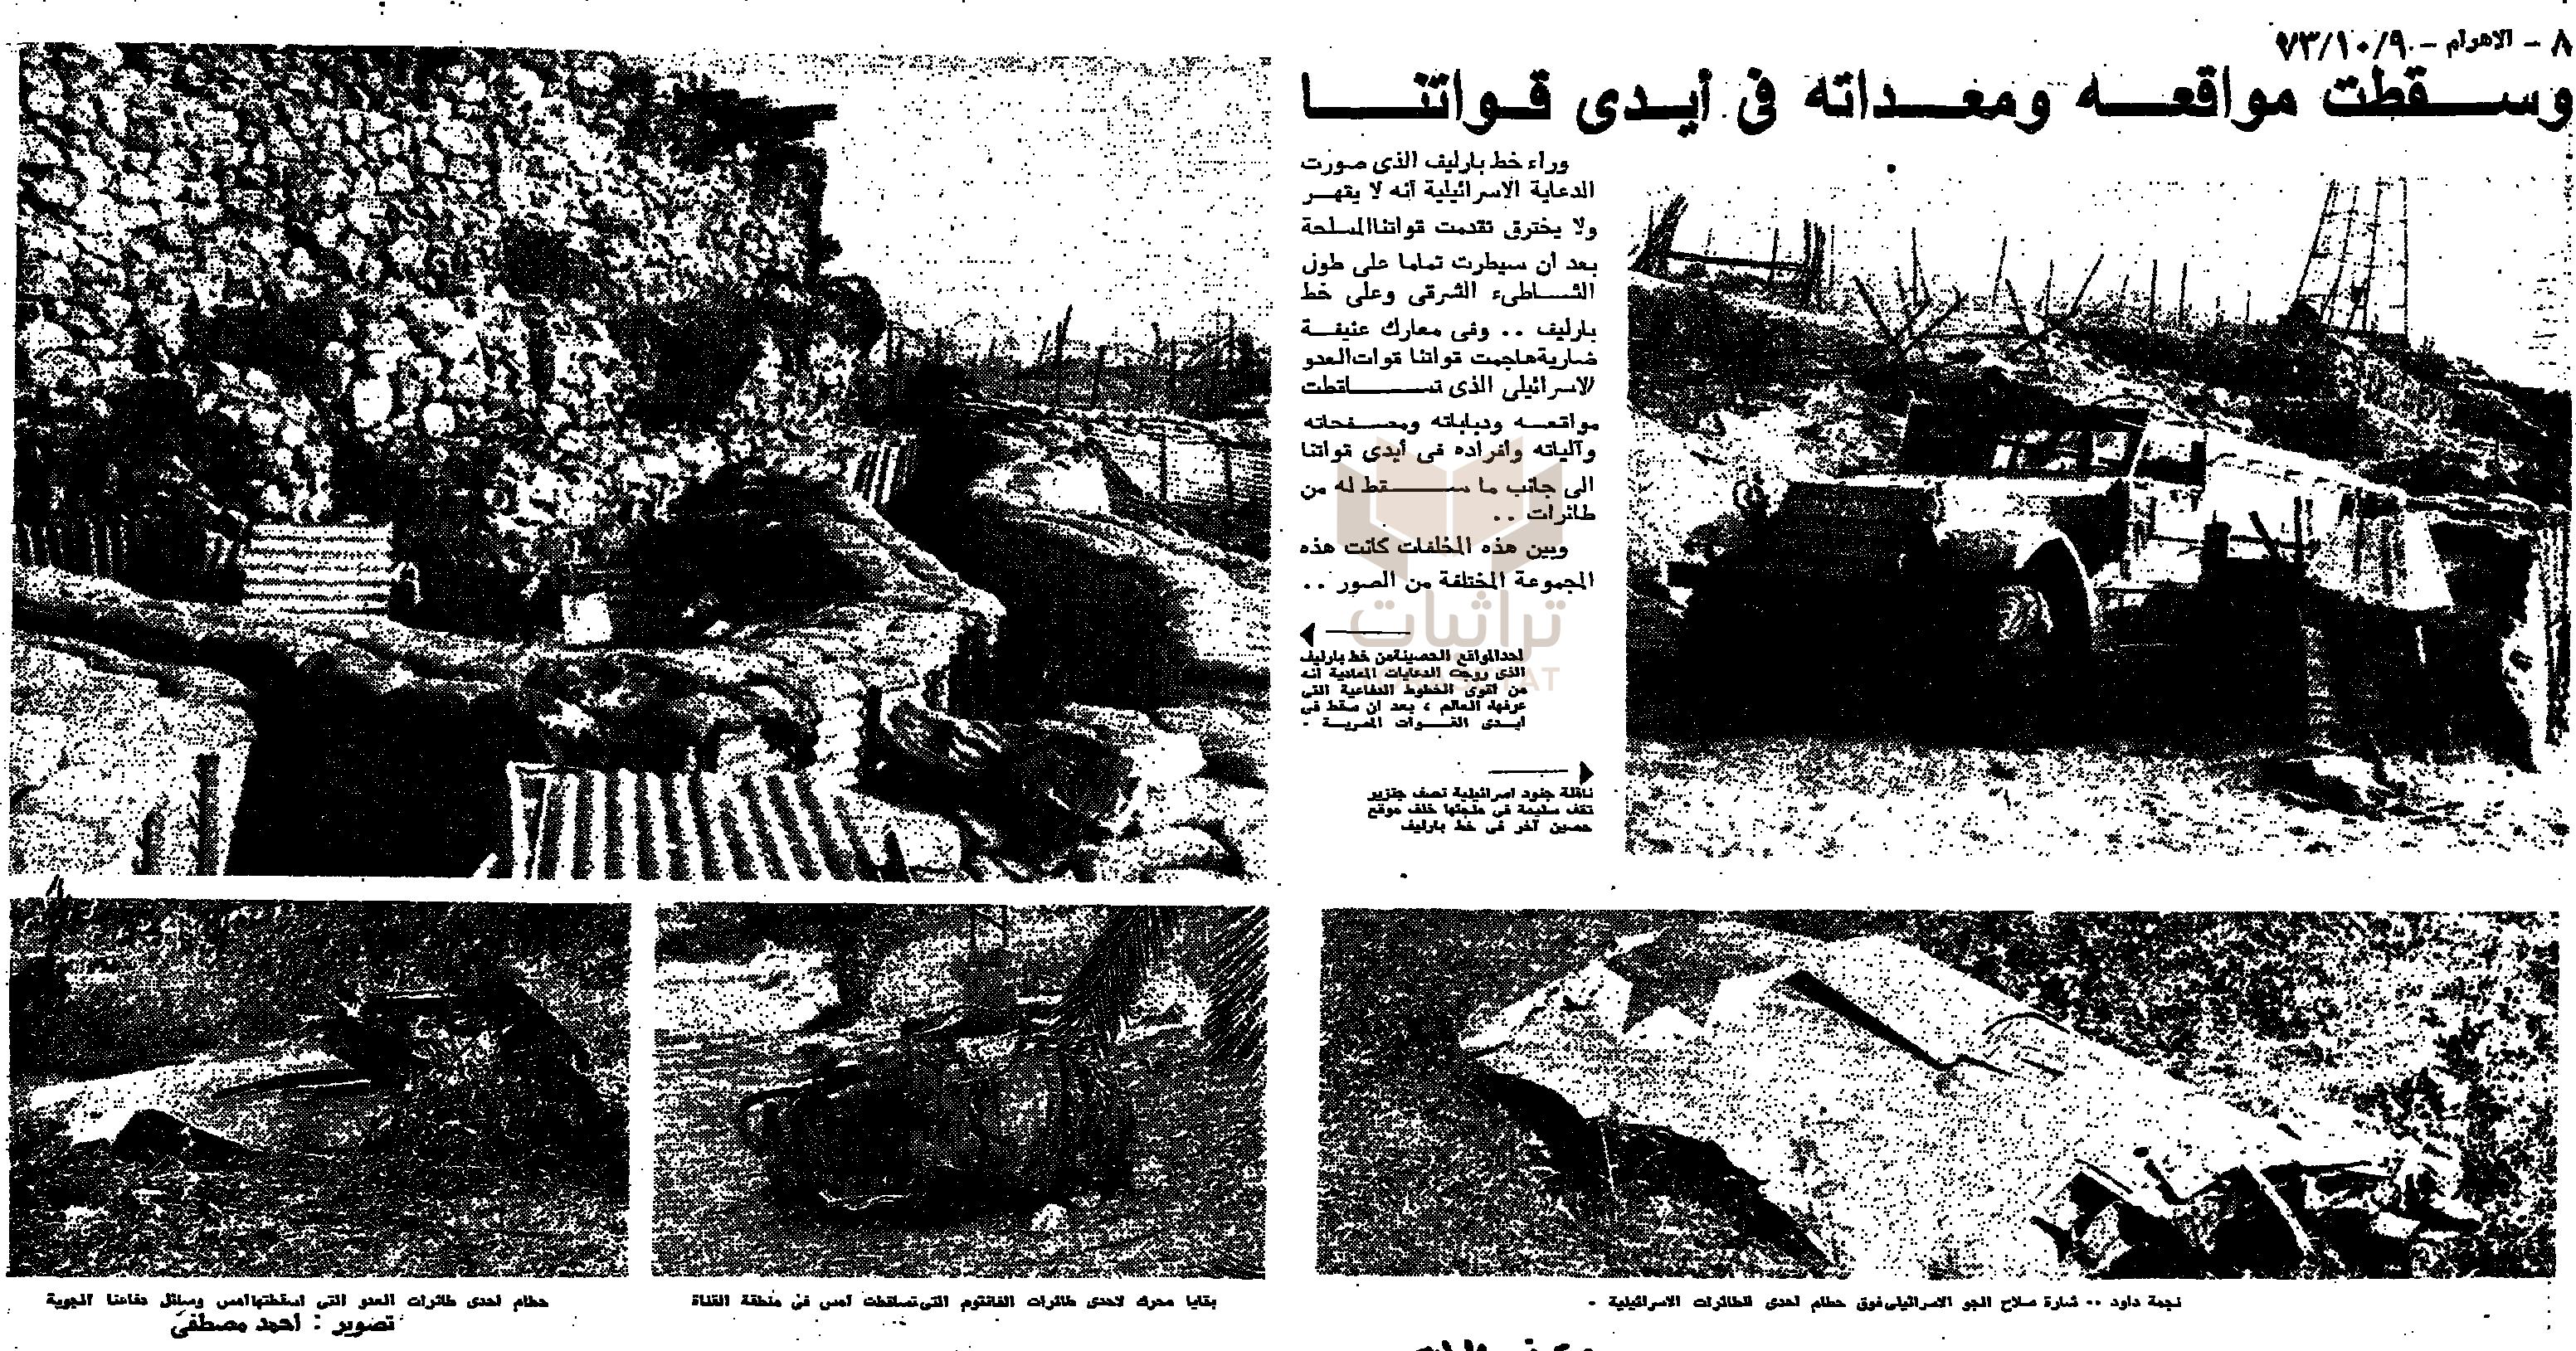 خبر سقوط معسكر فيلم الممر سنة 1973 م